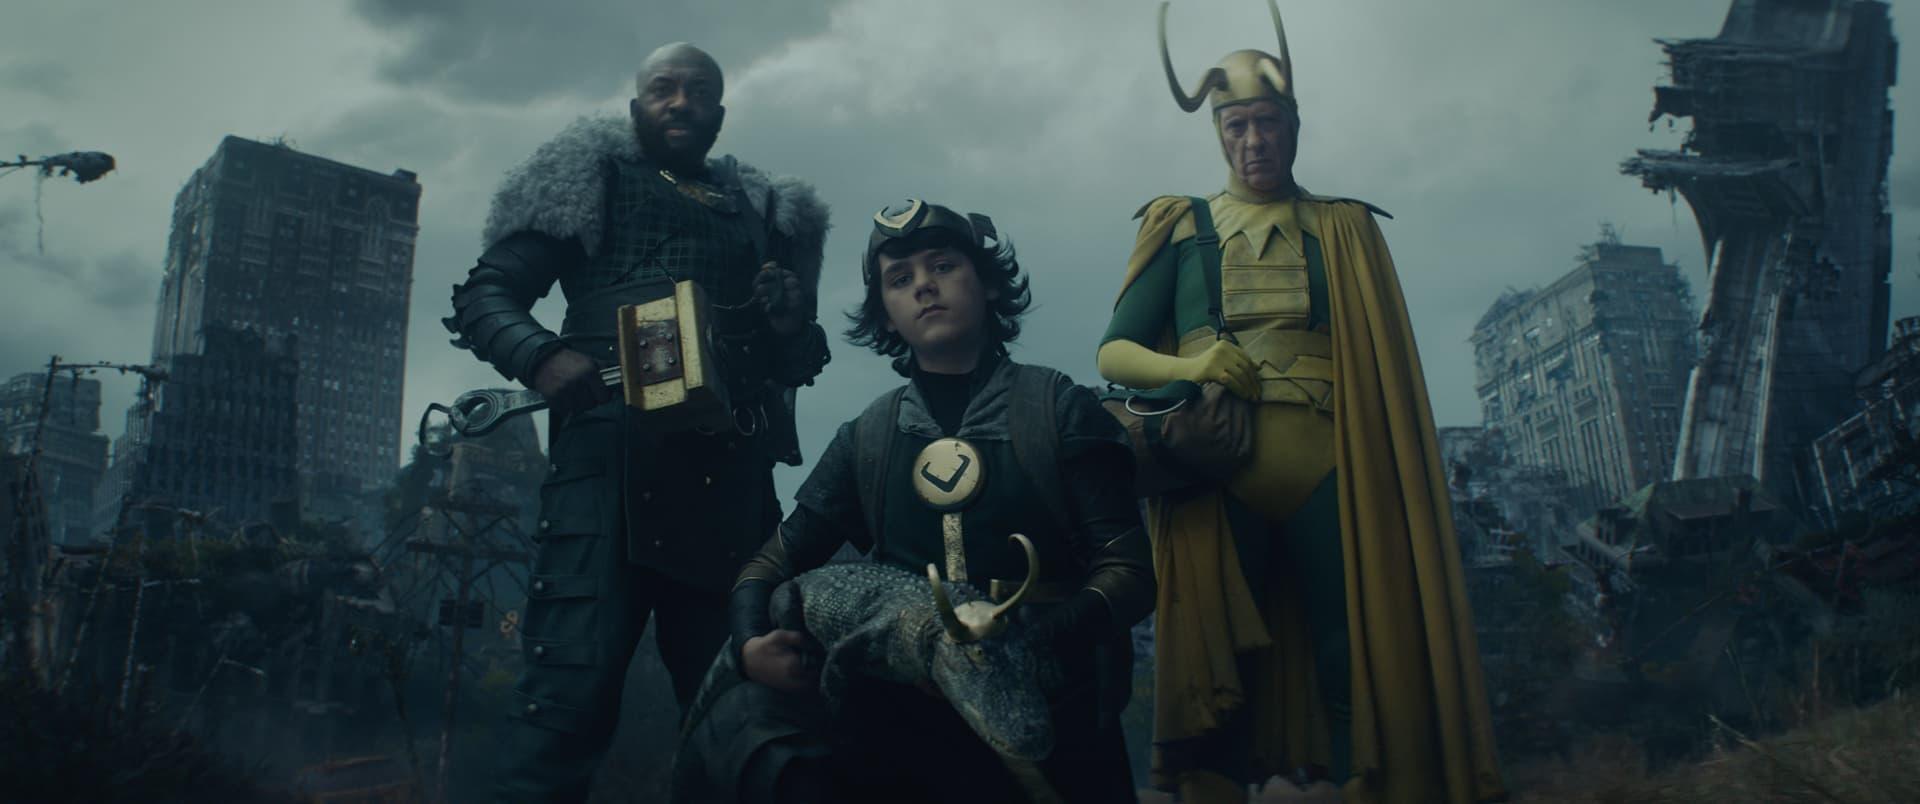 Boastful Loki, Kid Loki, Alligator Loki, Classic Loki